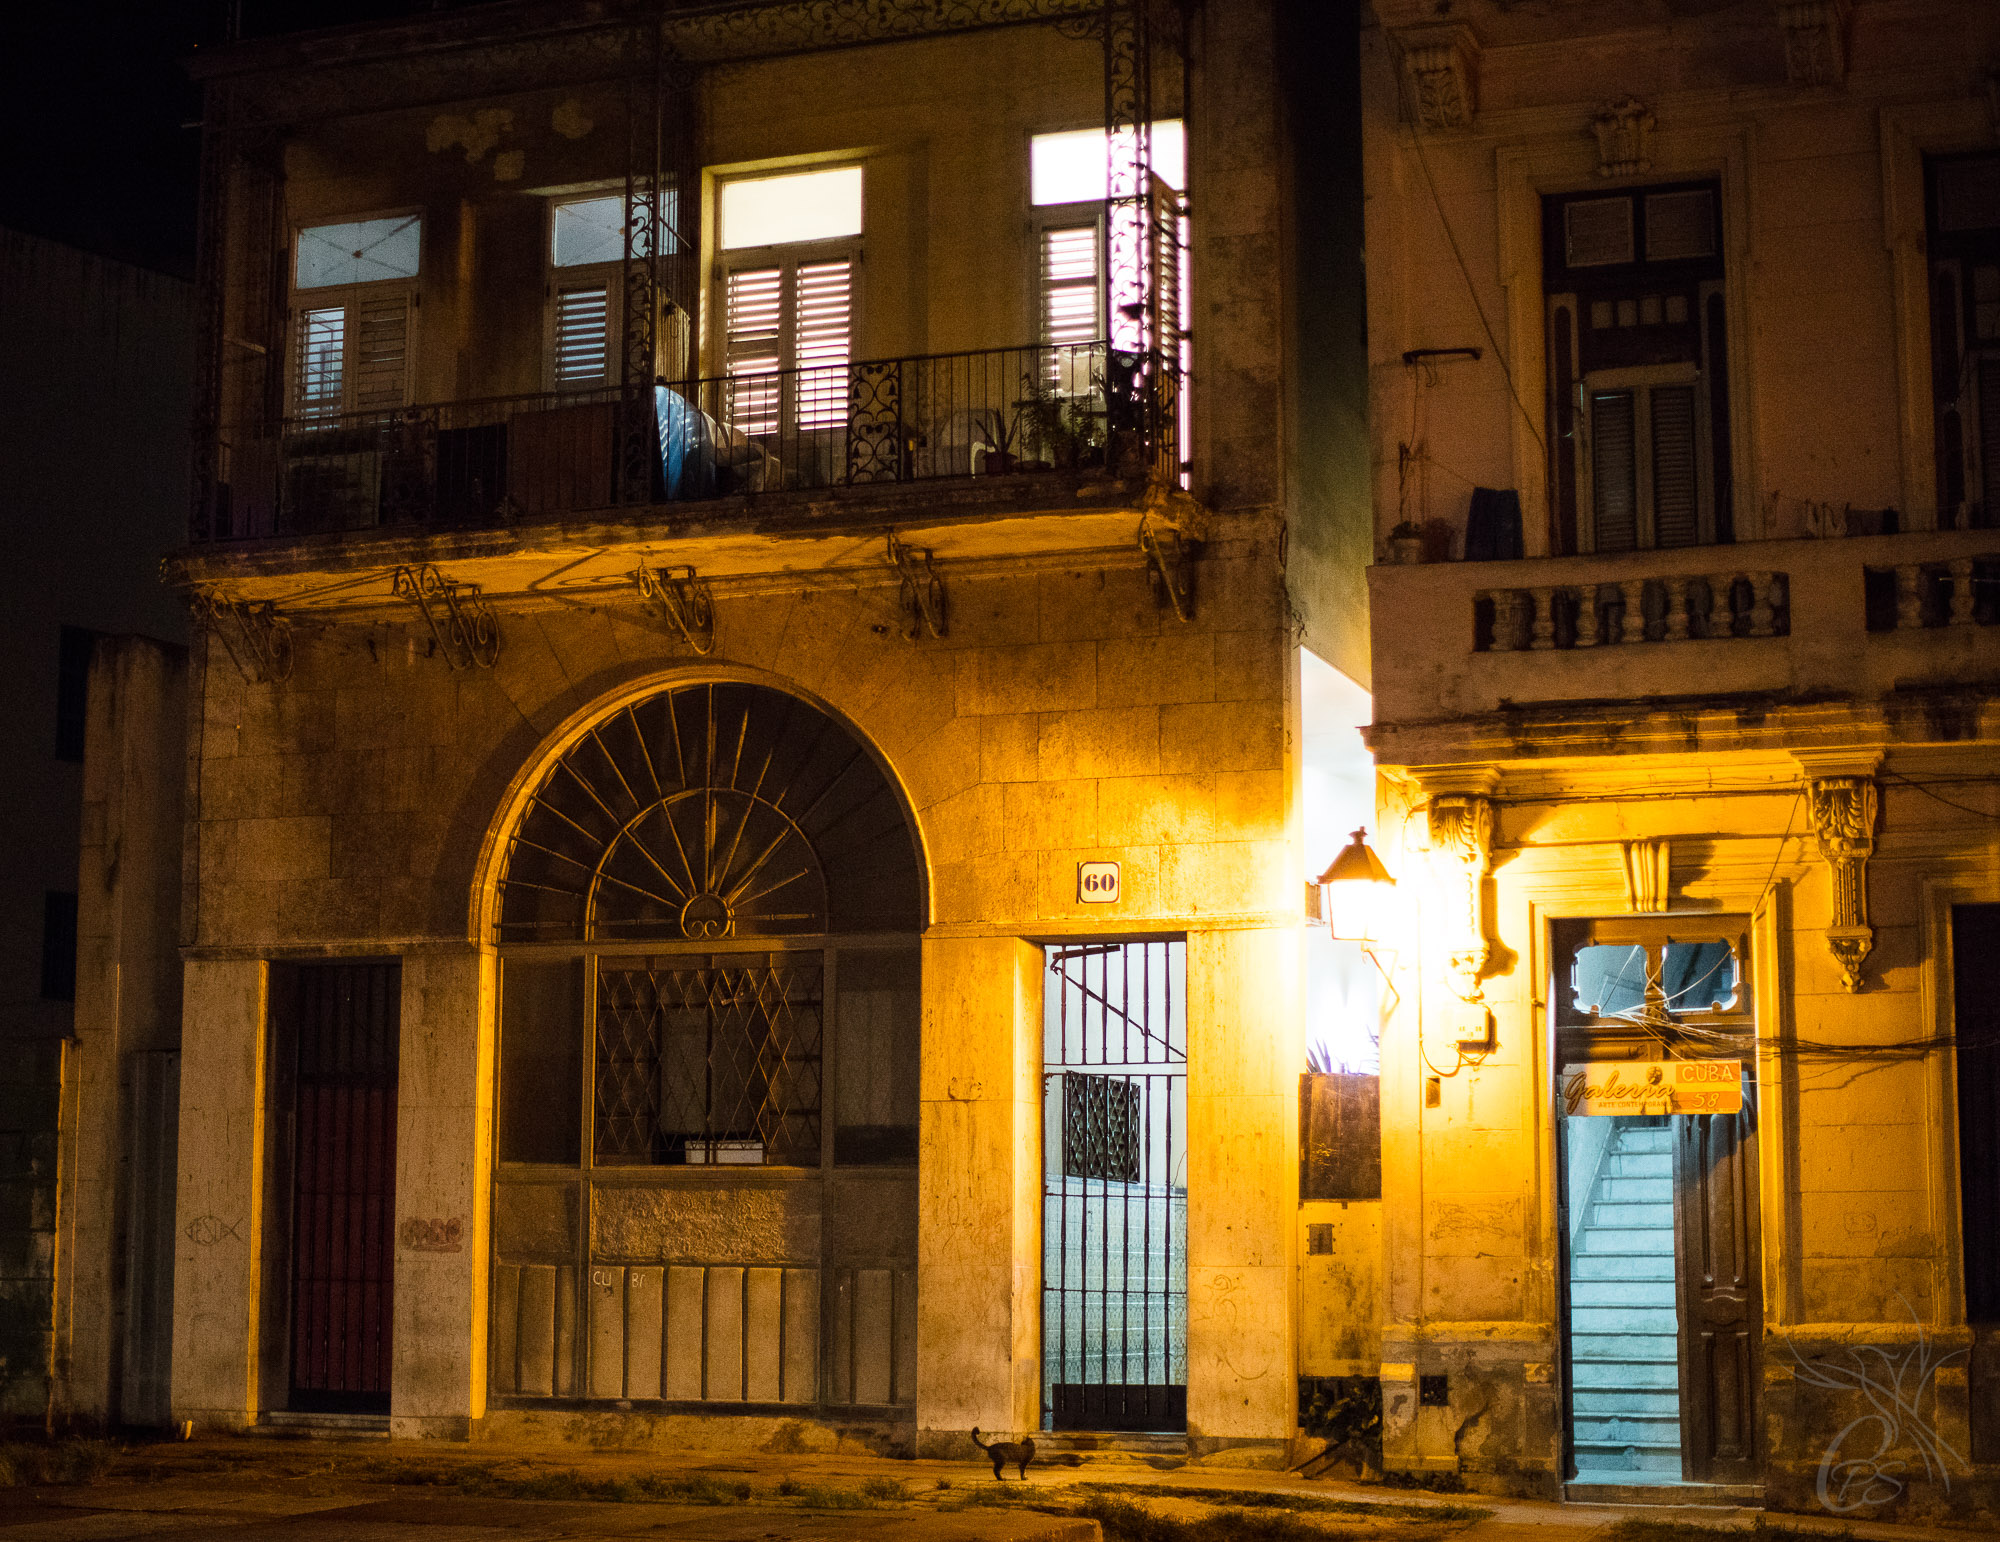 Cuba: Havana Night Scape